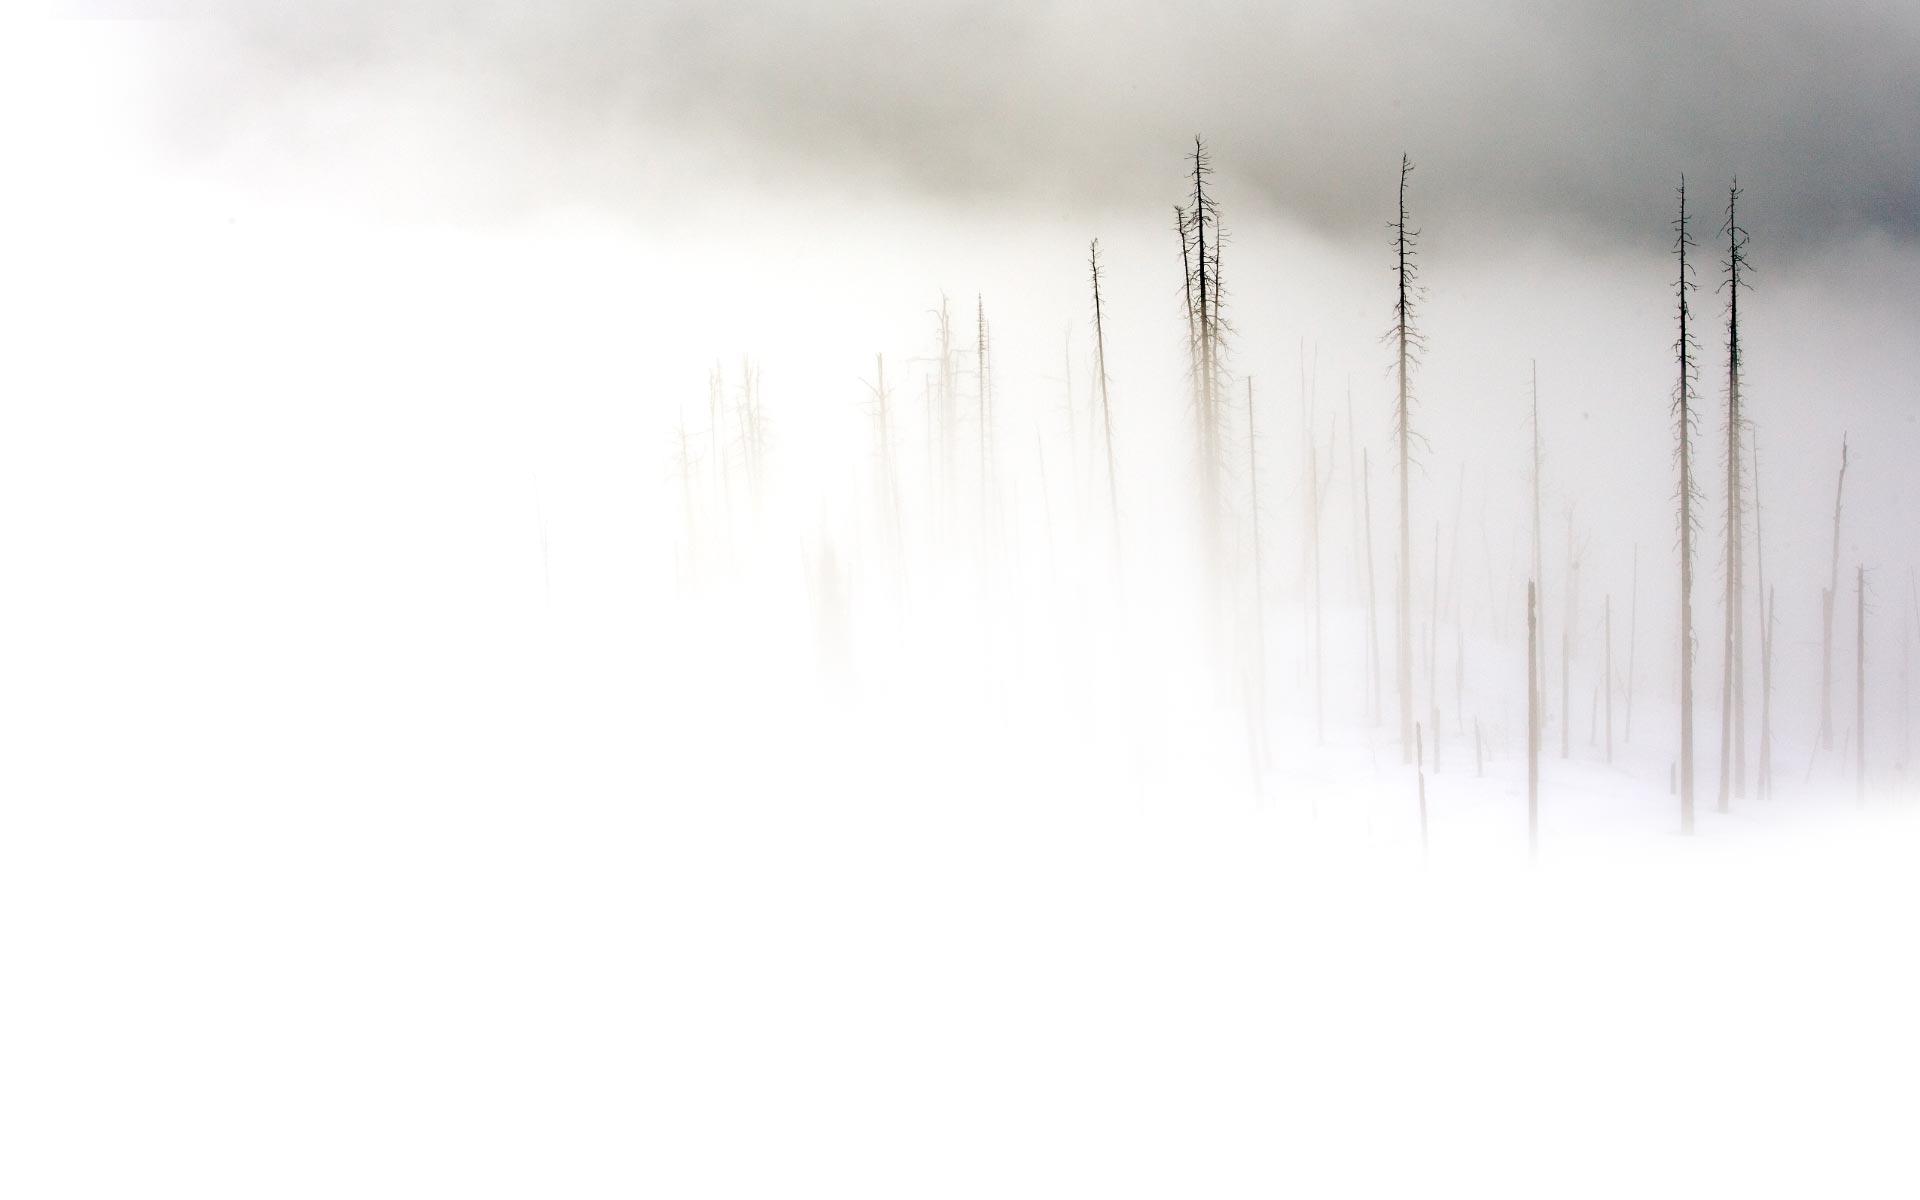 بالصور خلفية بيضاء ساده , اجمل الخلفيات الملونه 3856 11